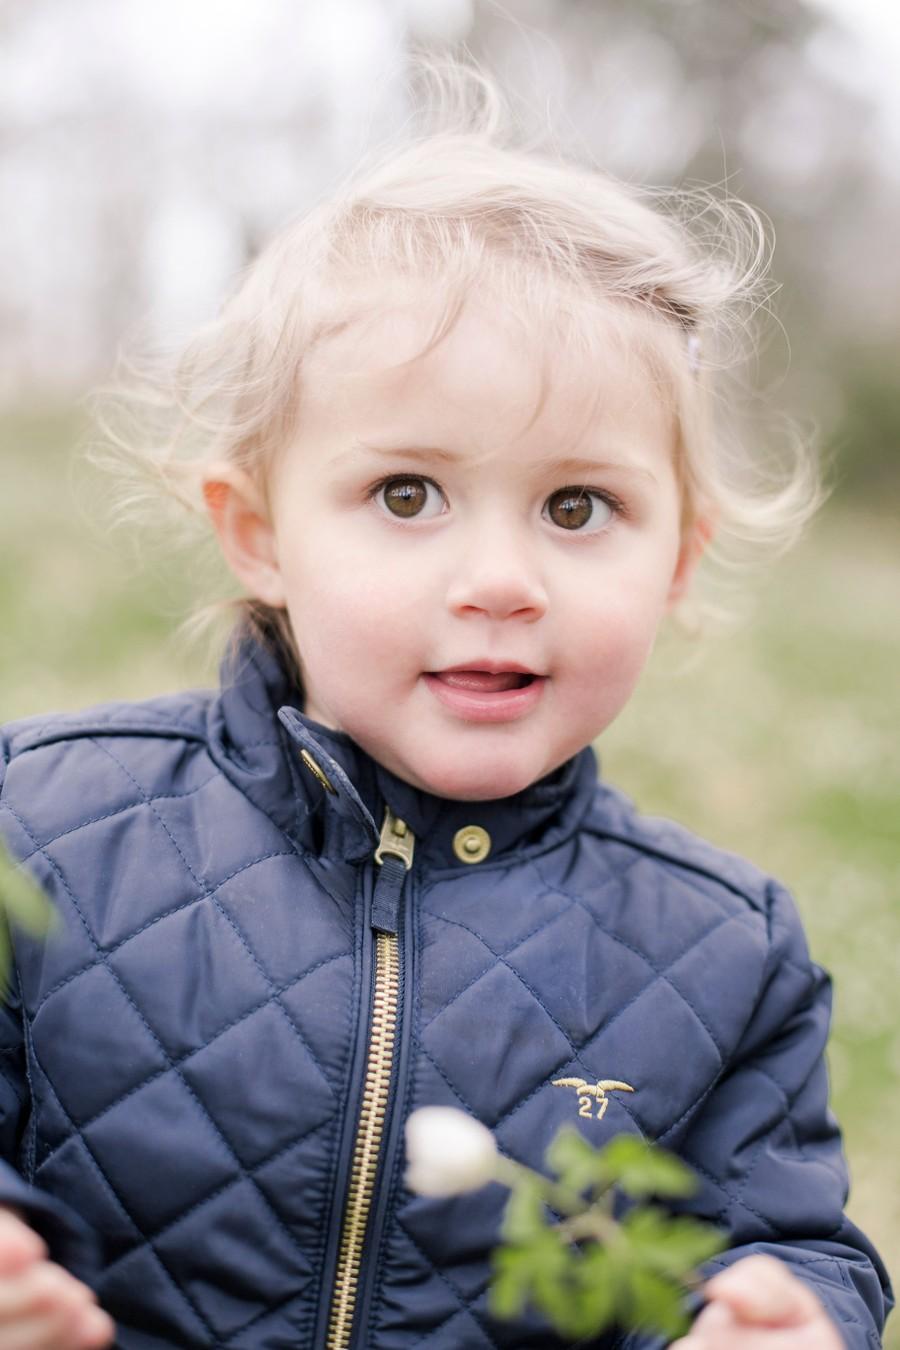 Barnfotografering bland vitsippor